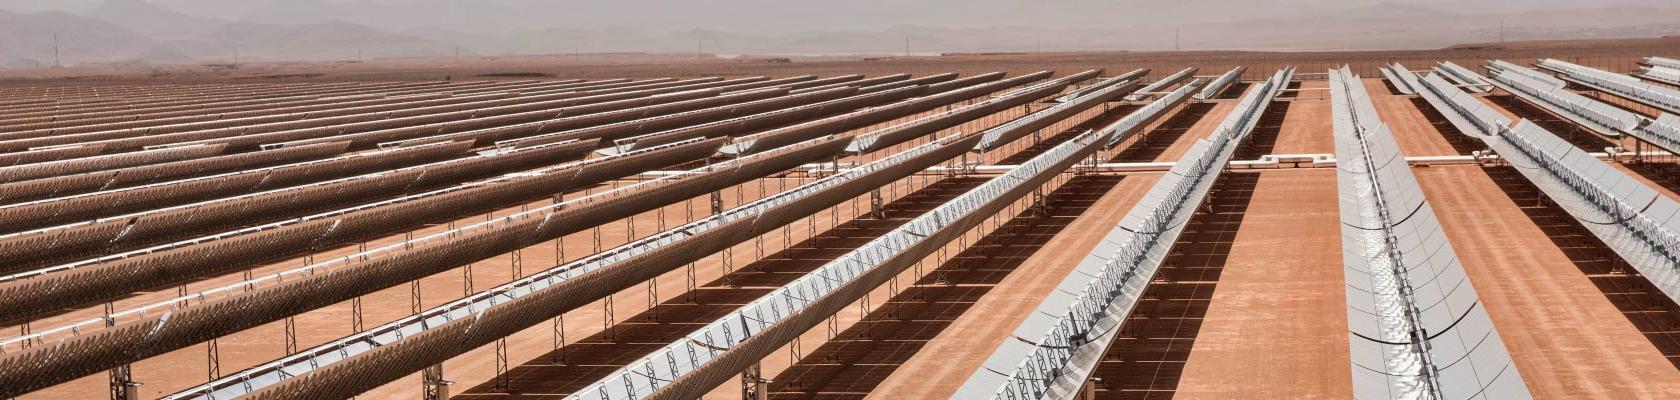 Noor solar plant, Morocco, energy